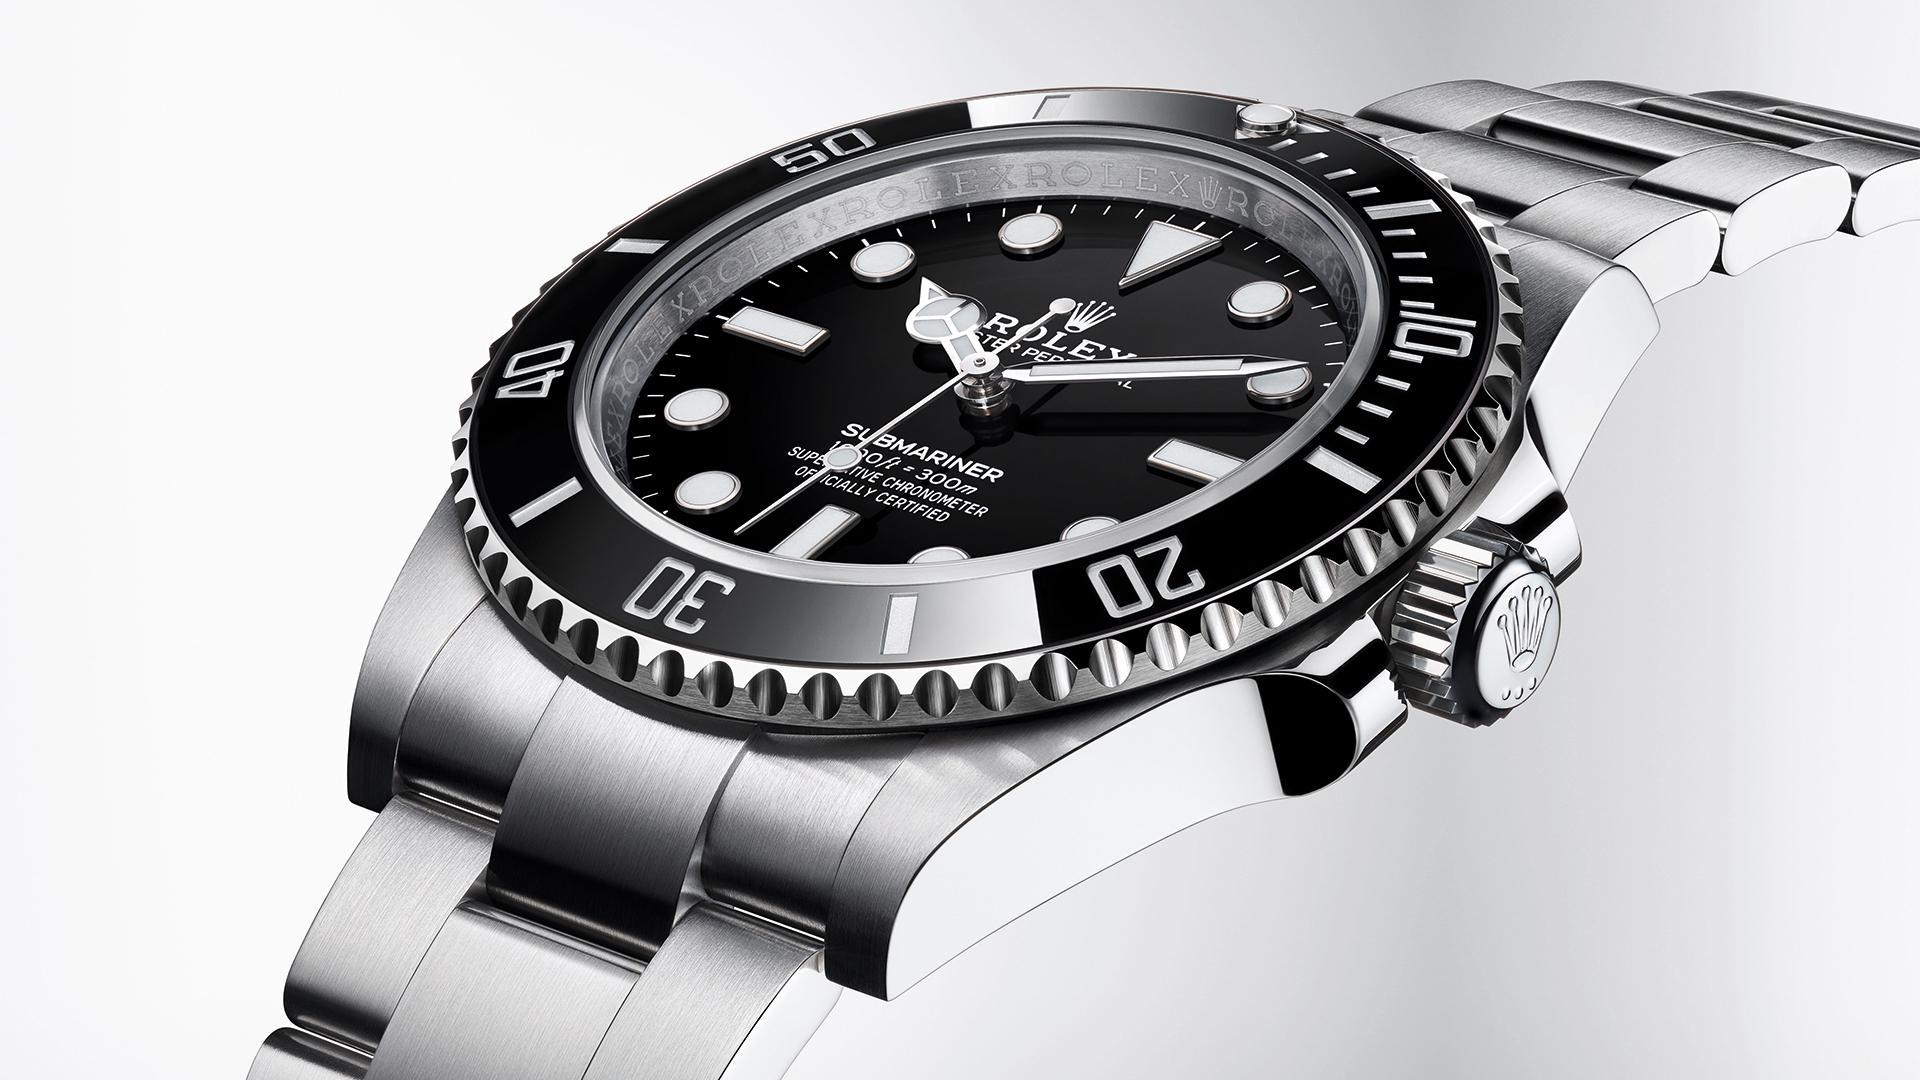 Rolex Submariner 41mm 2020 watch